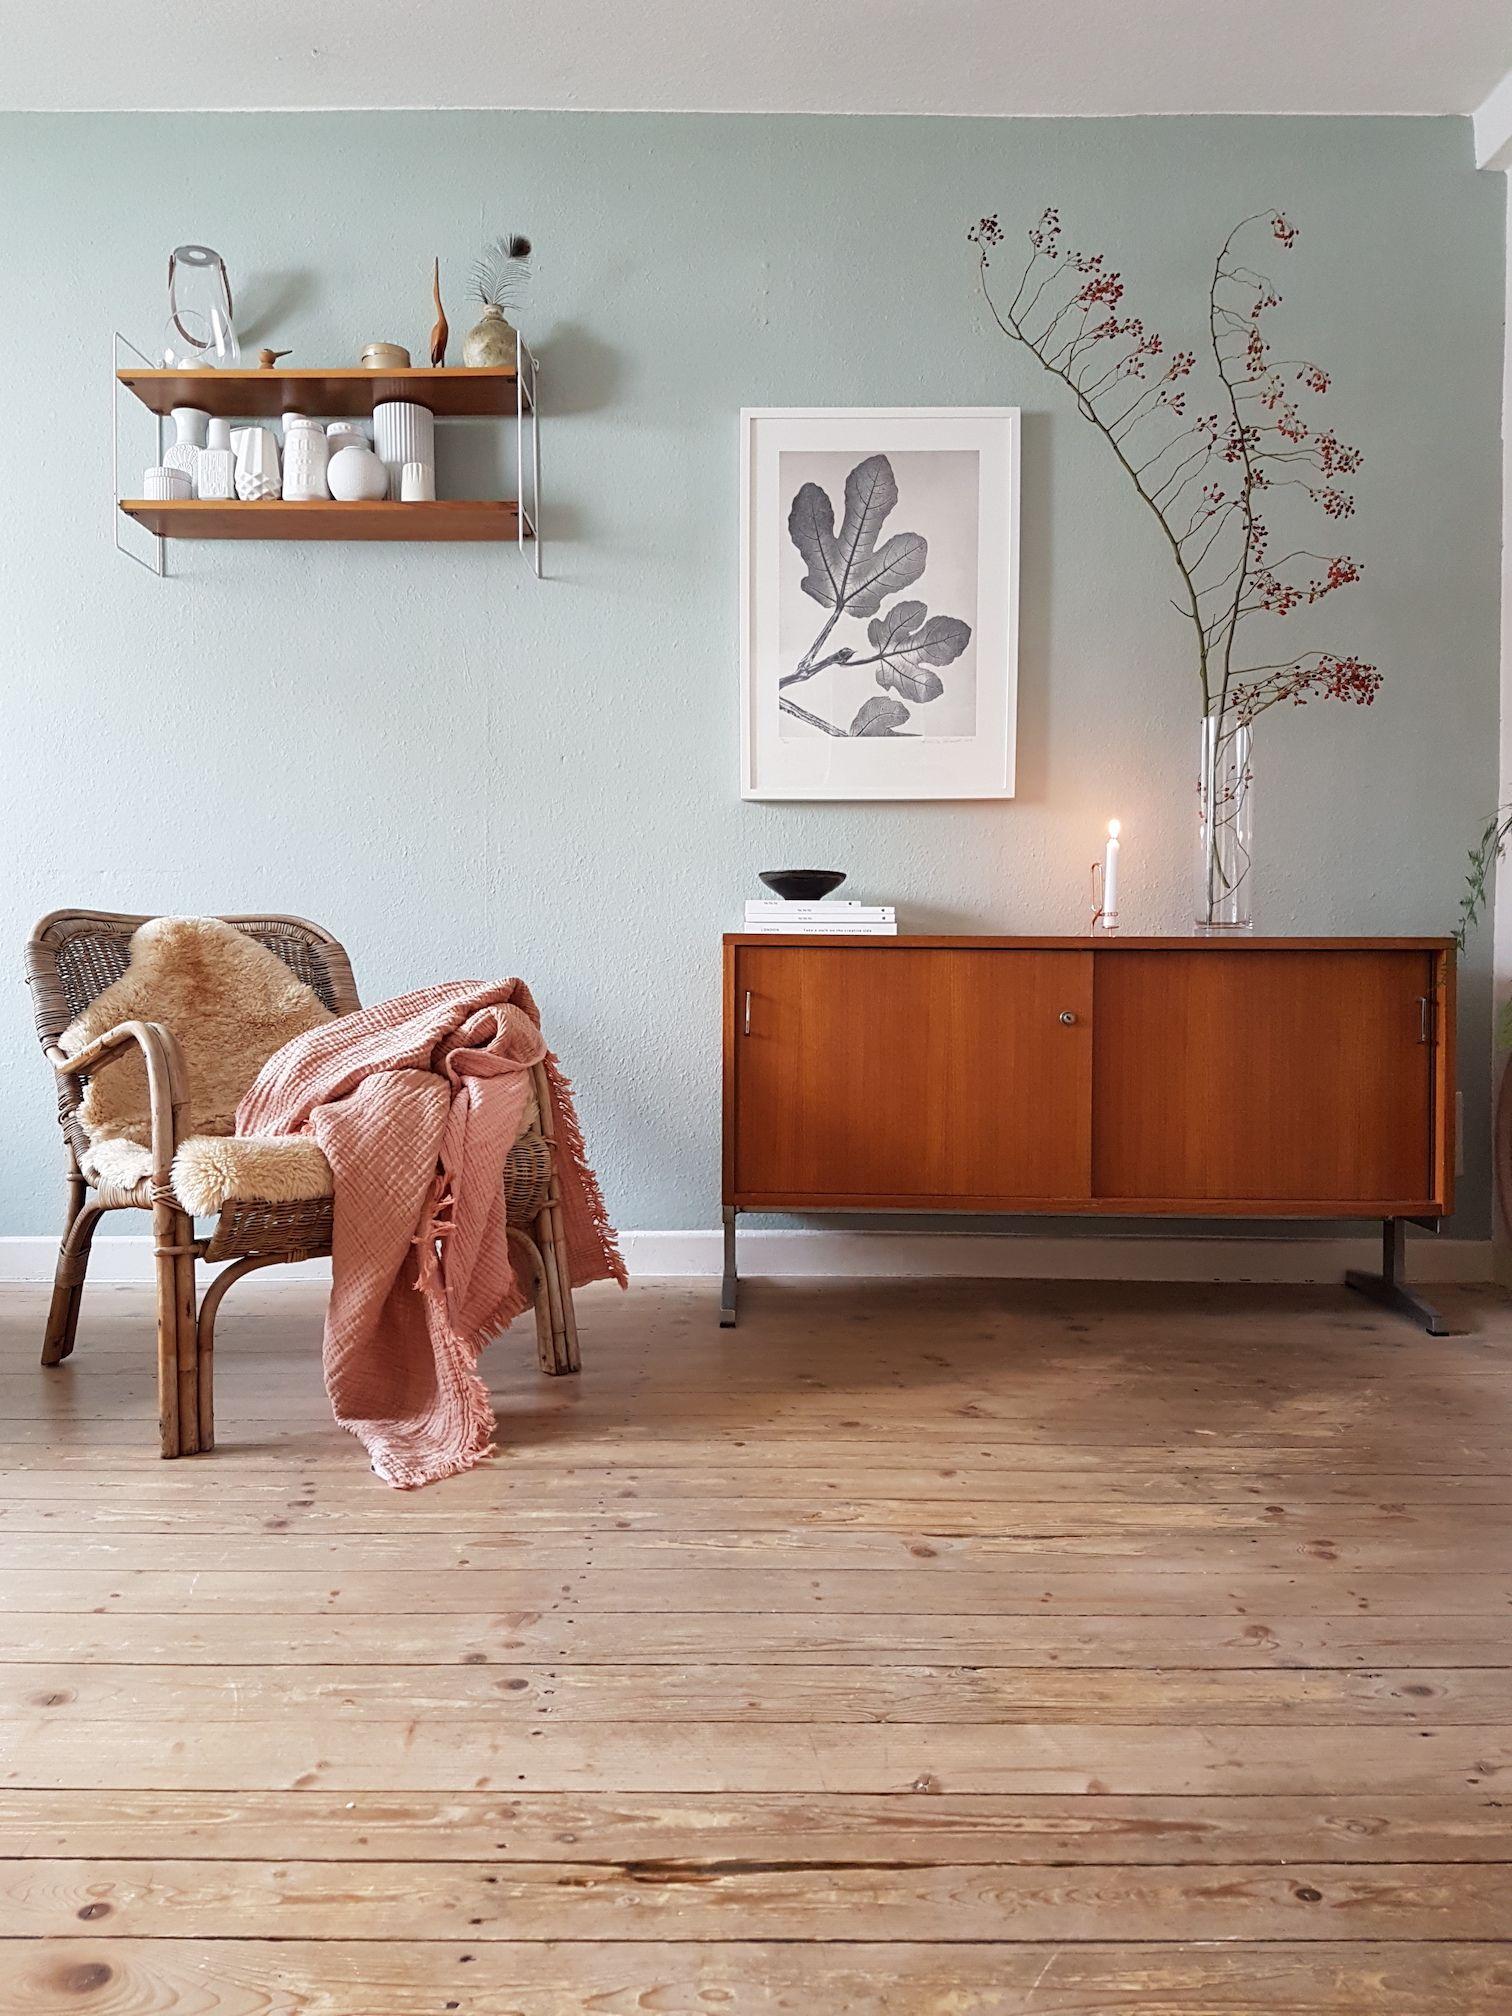 Midcentury Wohnzimmer mit tollen Farben  Interior  Wohnzimmer  Pinterest  Wohnzimmer